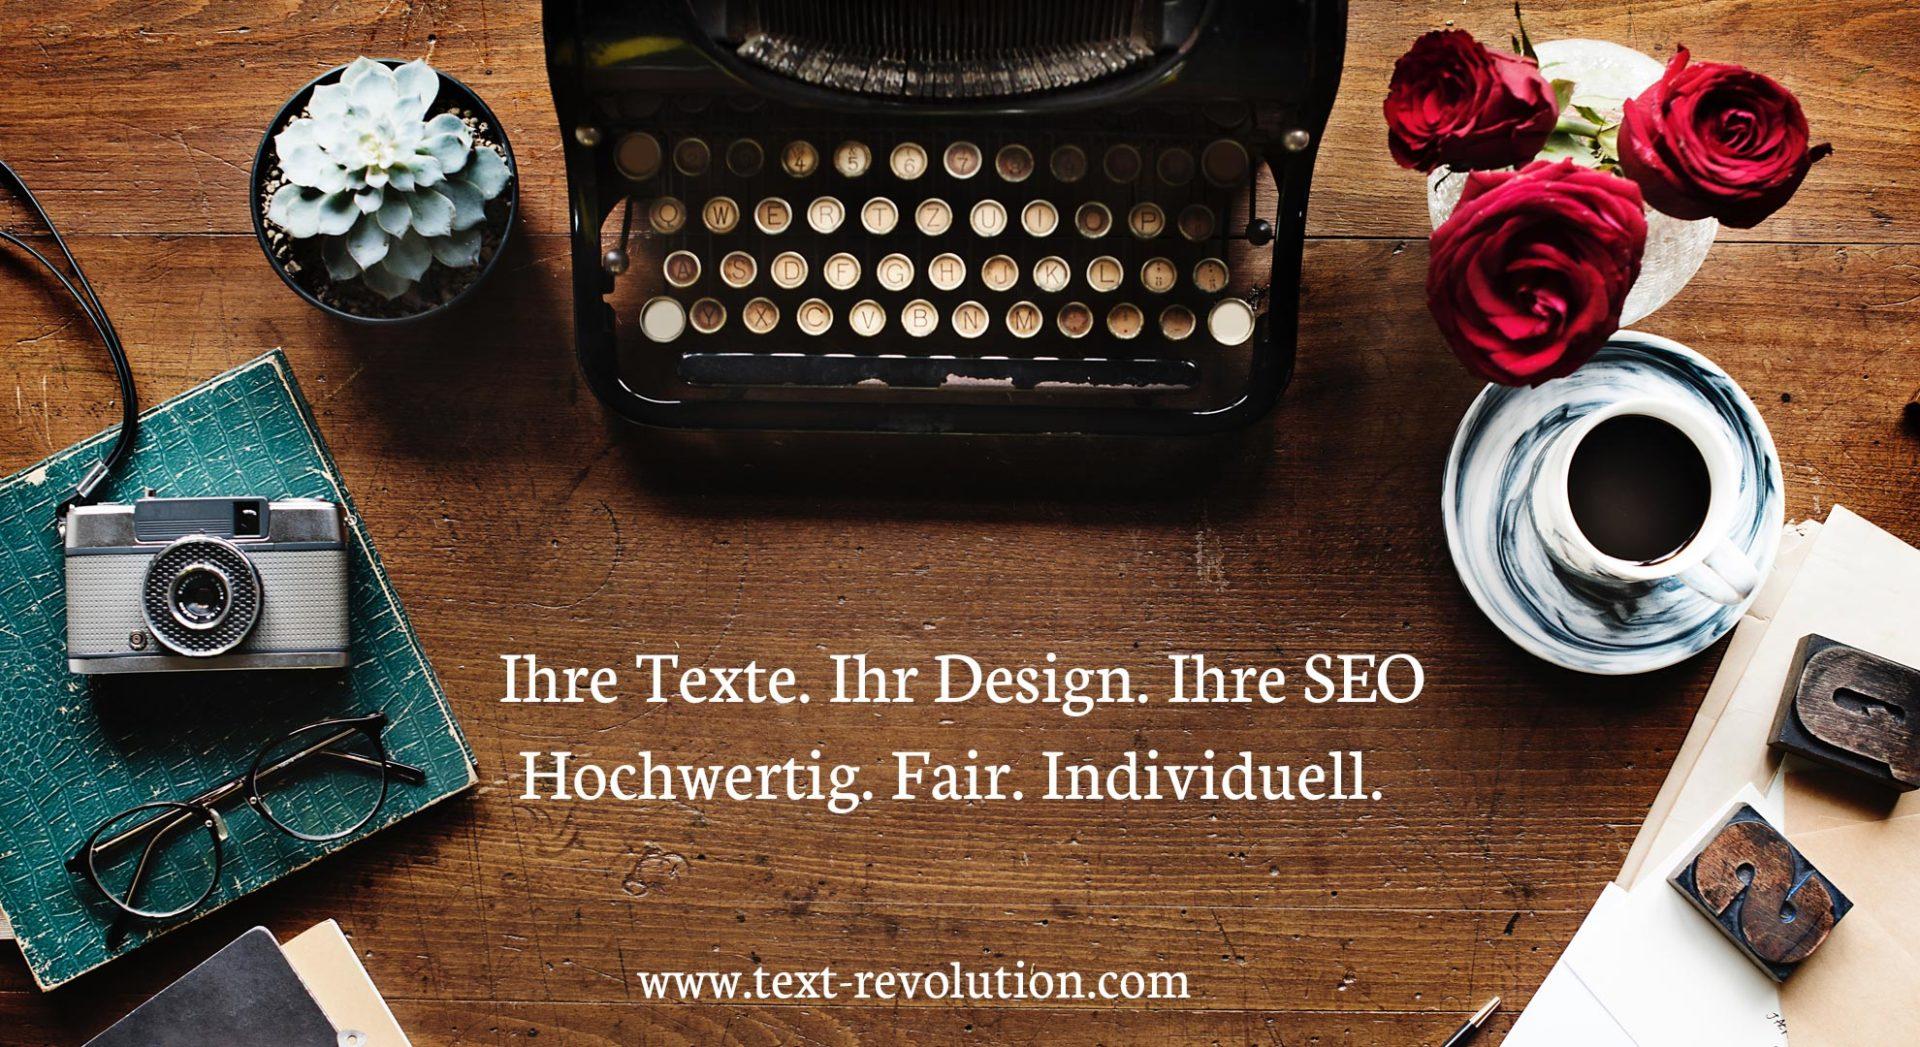 Texte, Seo, Webdesign aus einer Hand